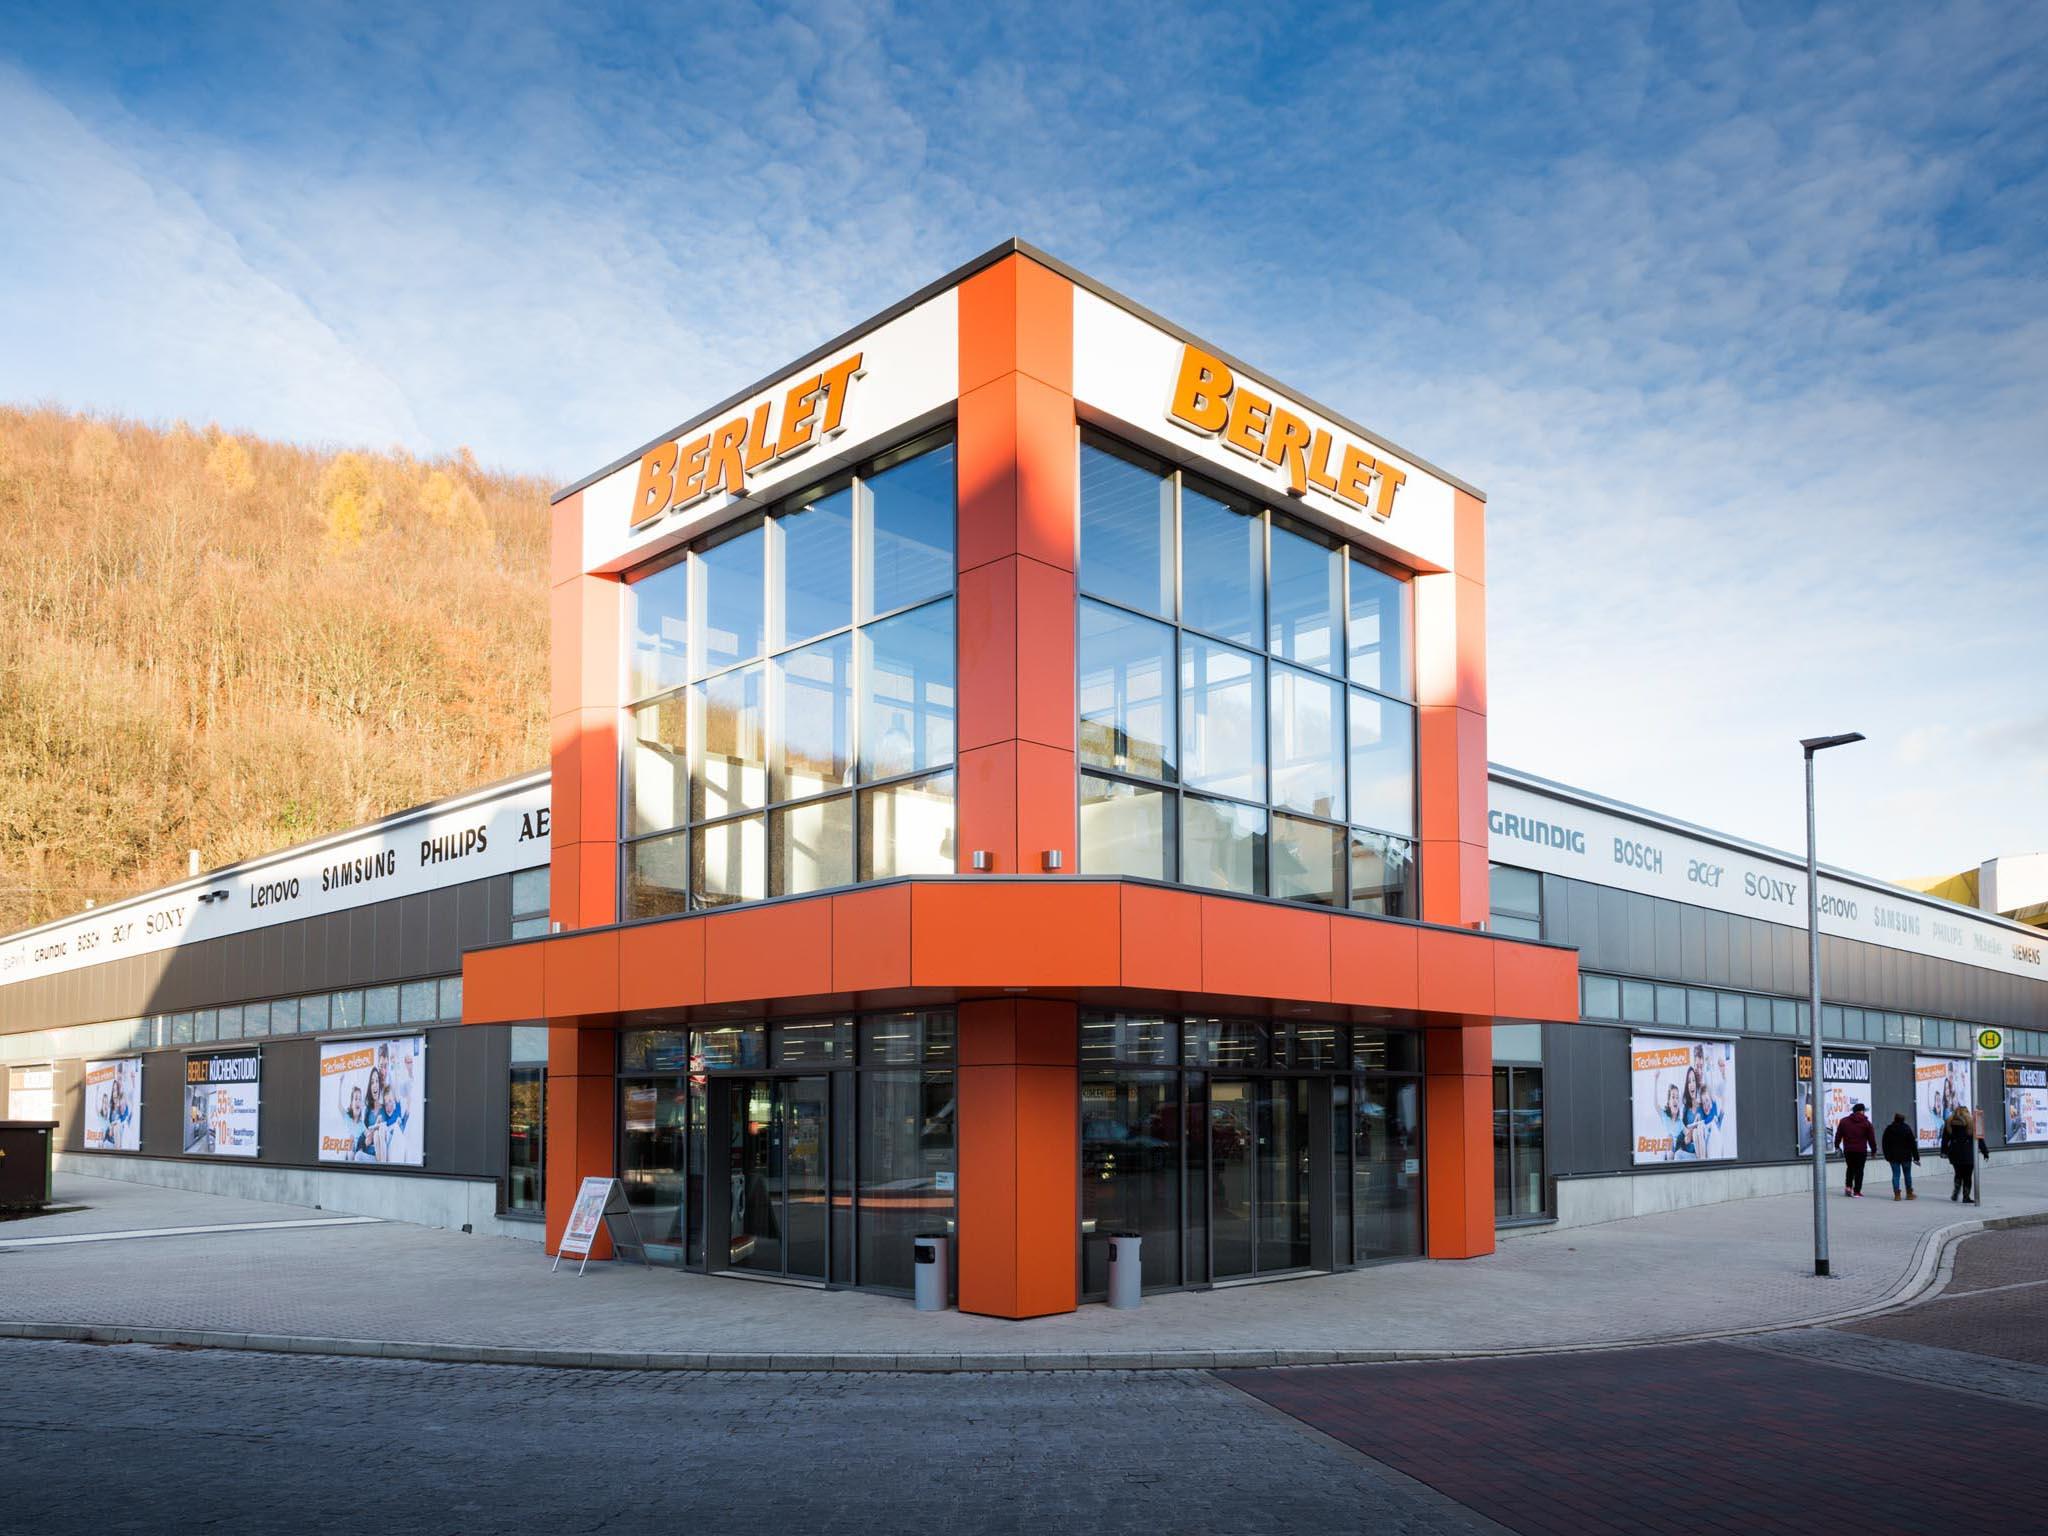 Firmengebäude mit orangenen Eingangsbereich